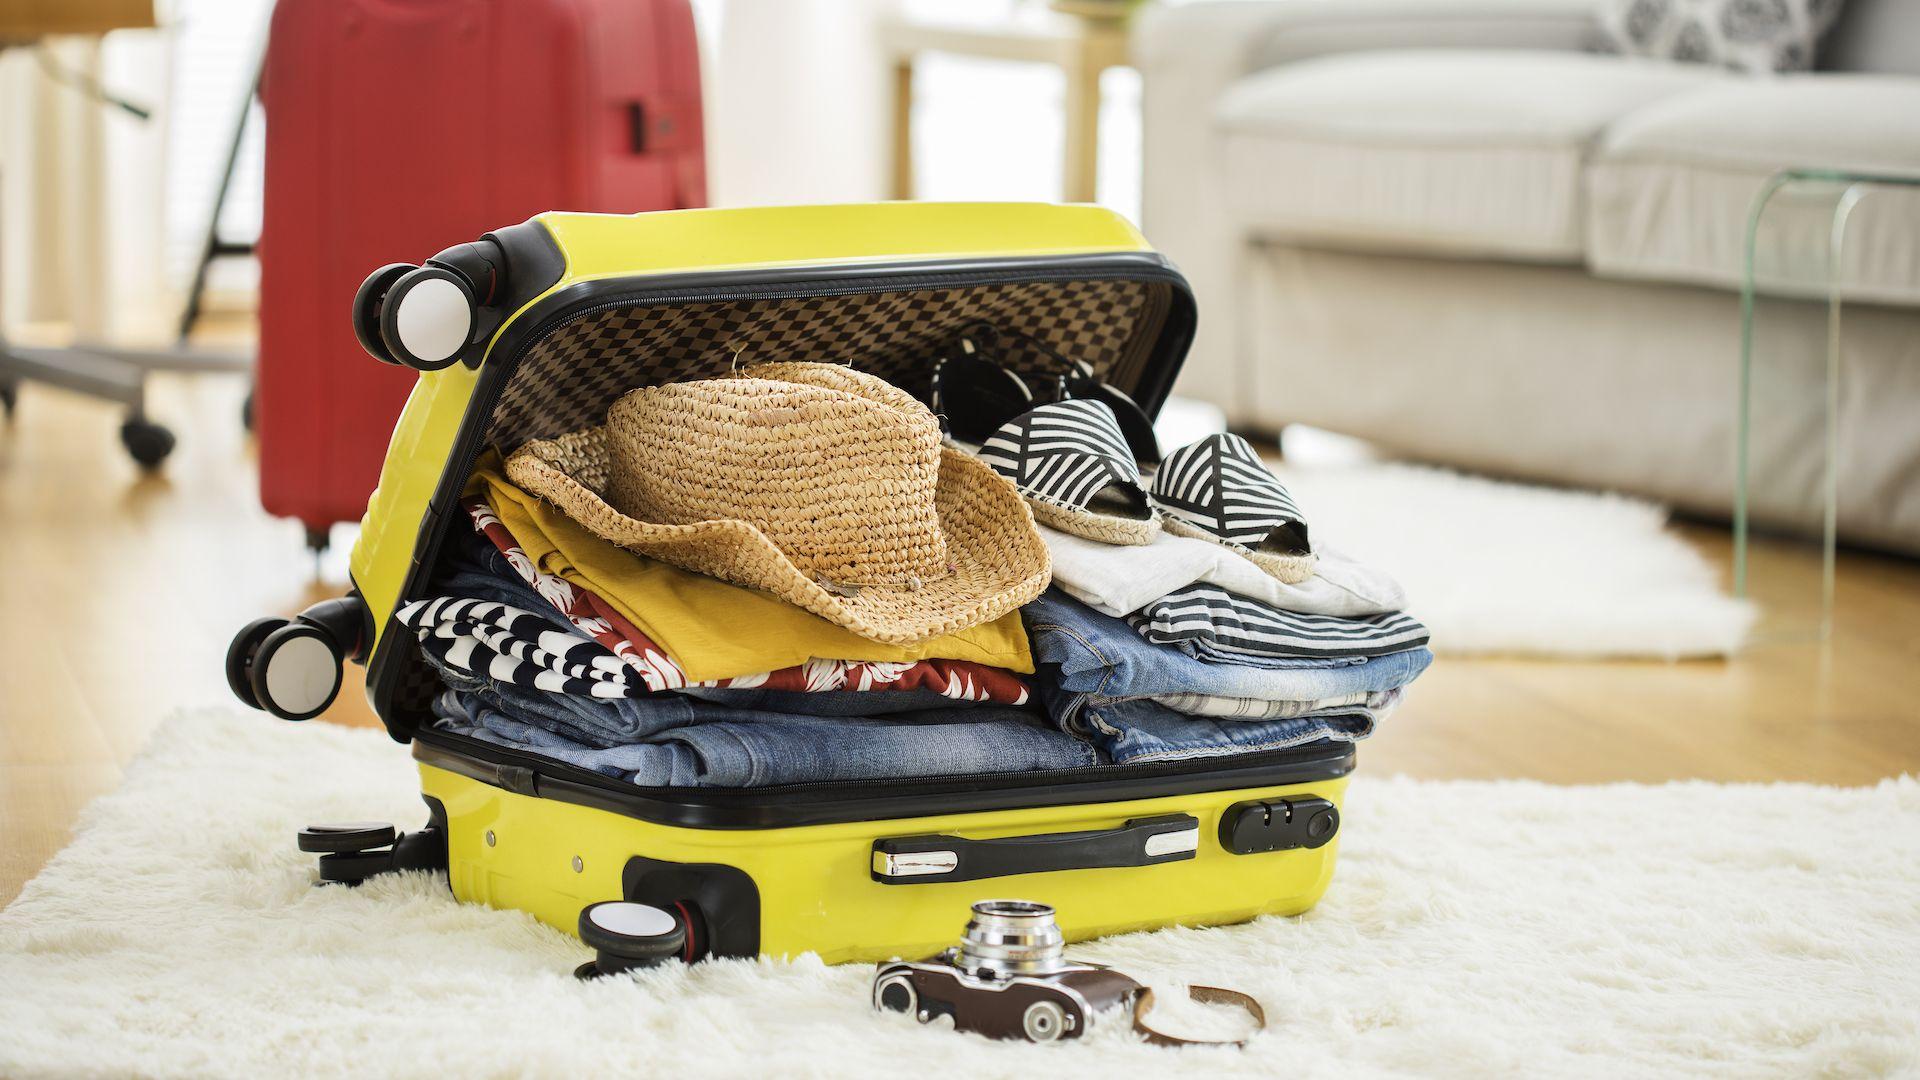 ¿Cuánto tardan los viajeros en armar sus valijas?